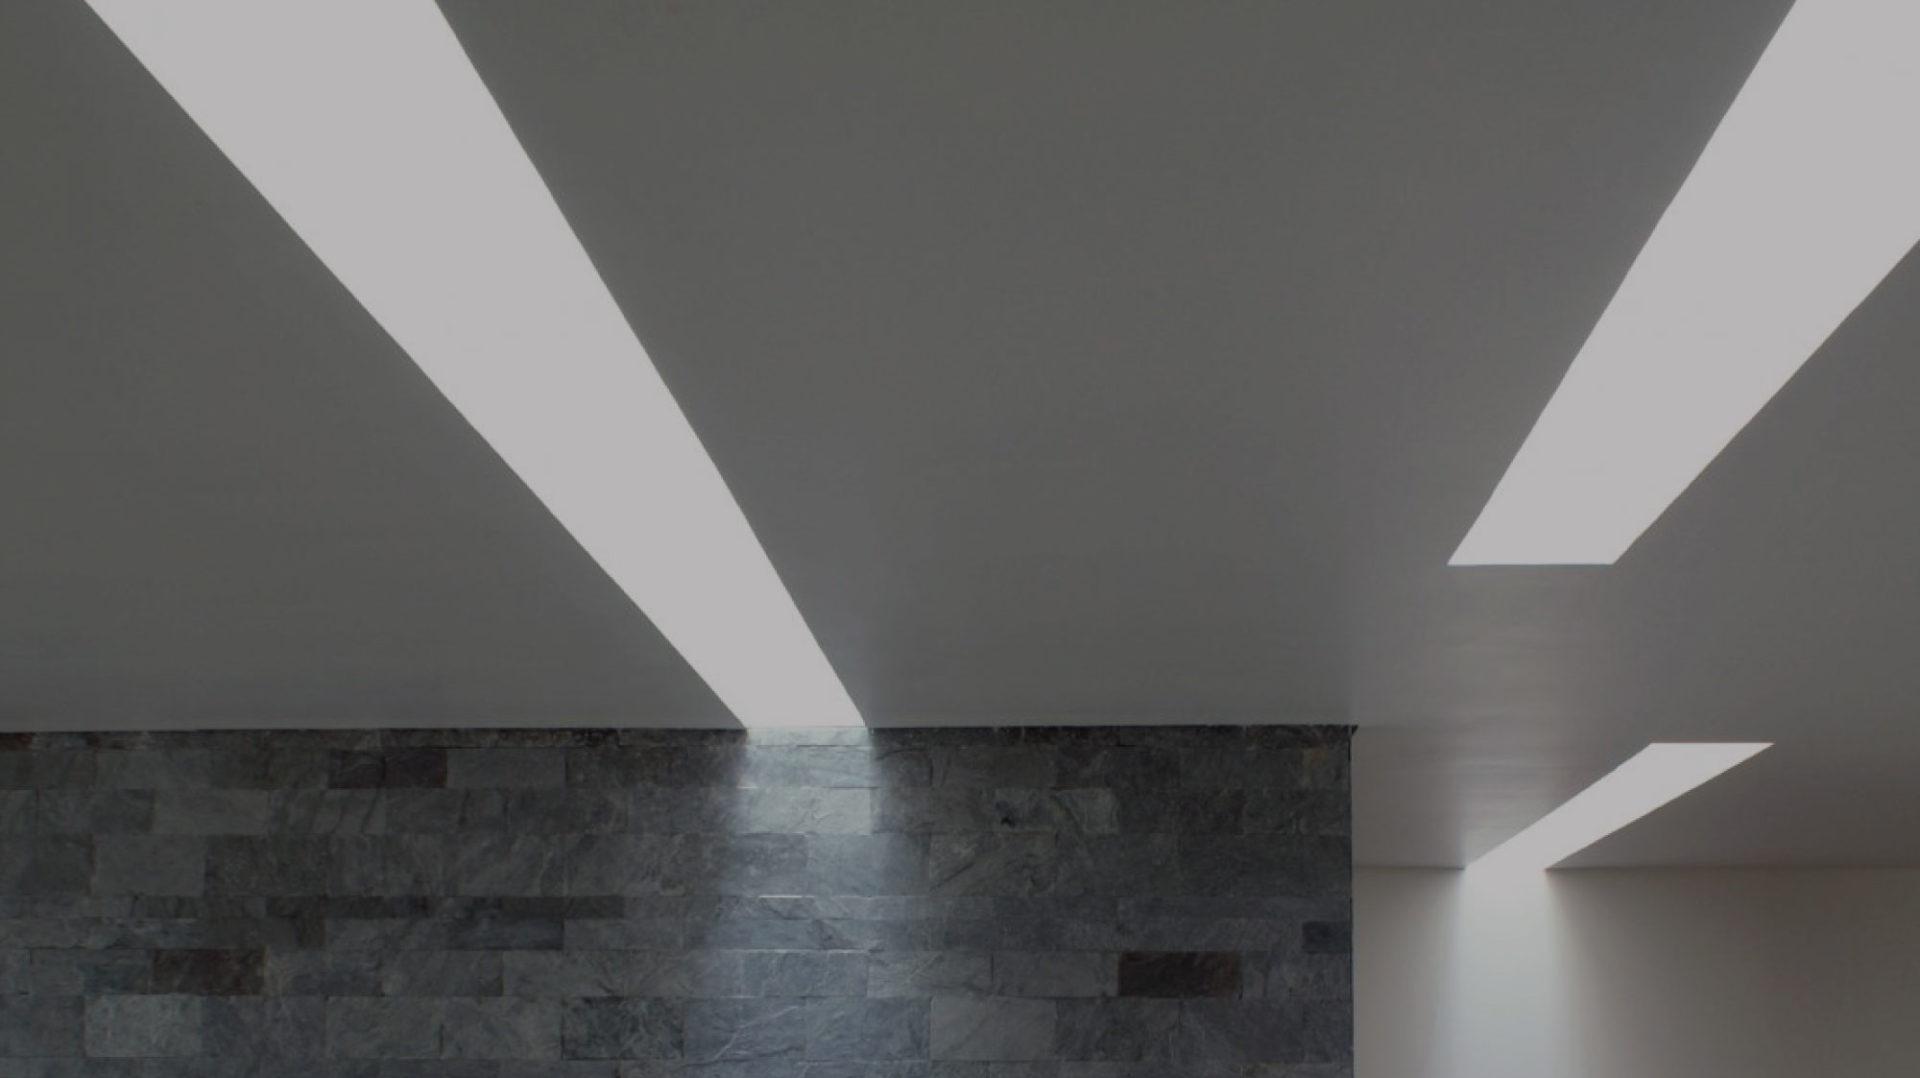 Luce diurna o artificiale: a cosa dovresti fare attenzione nell'illuminazione degli uffici?